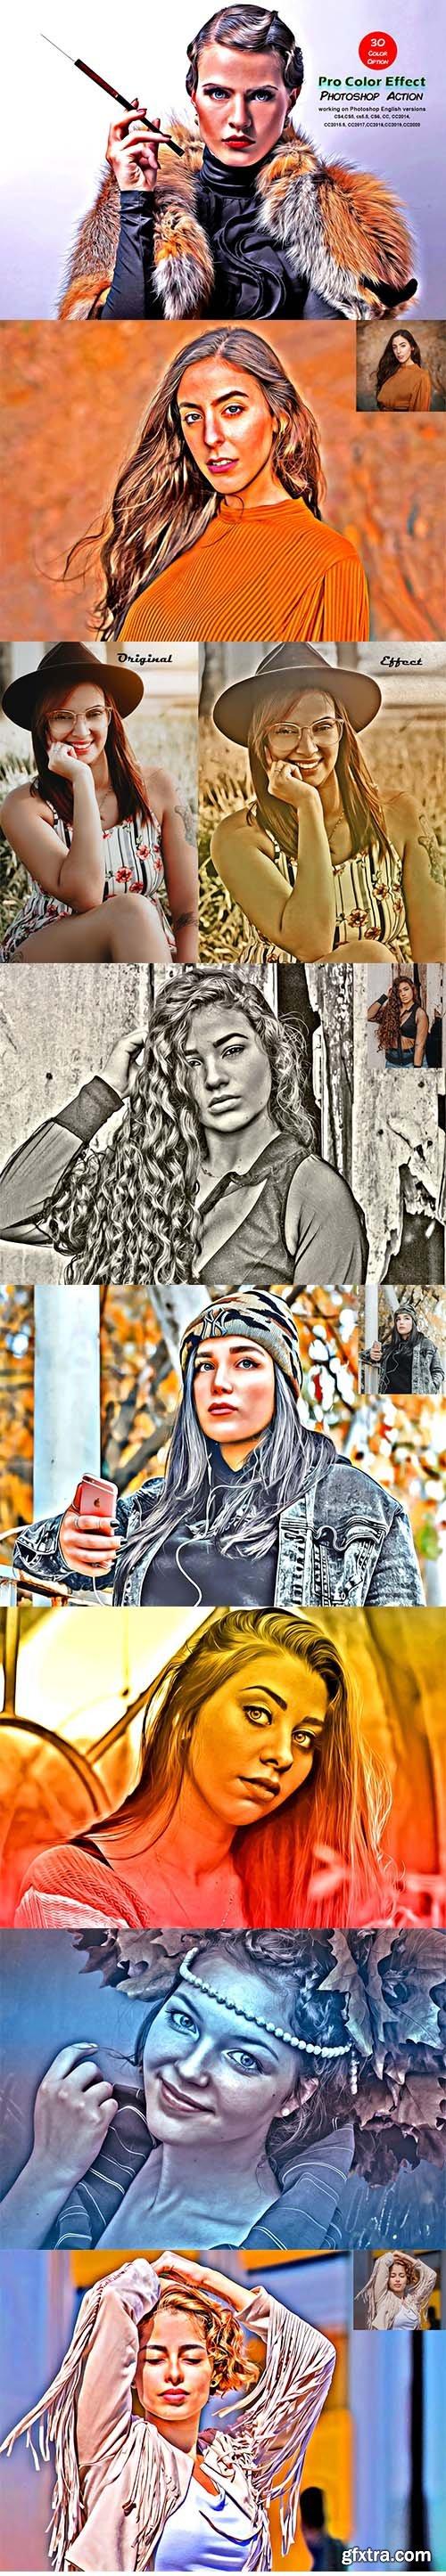 CreativeMarket - Pro Color Effect Photoshop Action 5521924